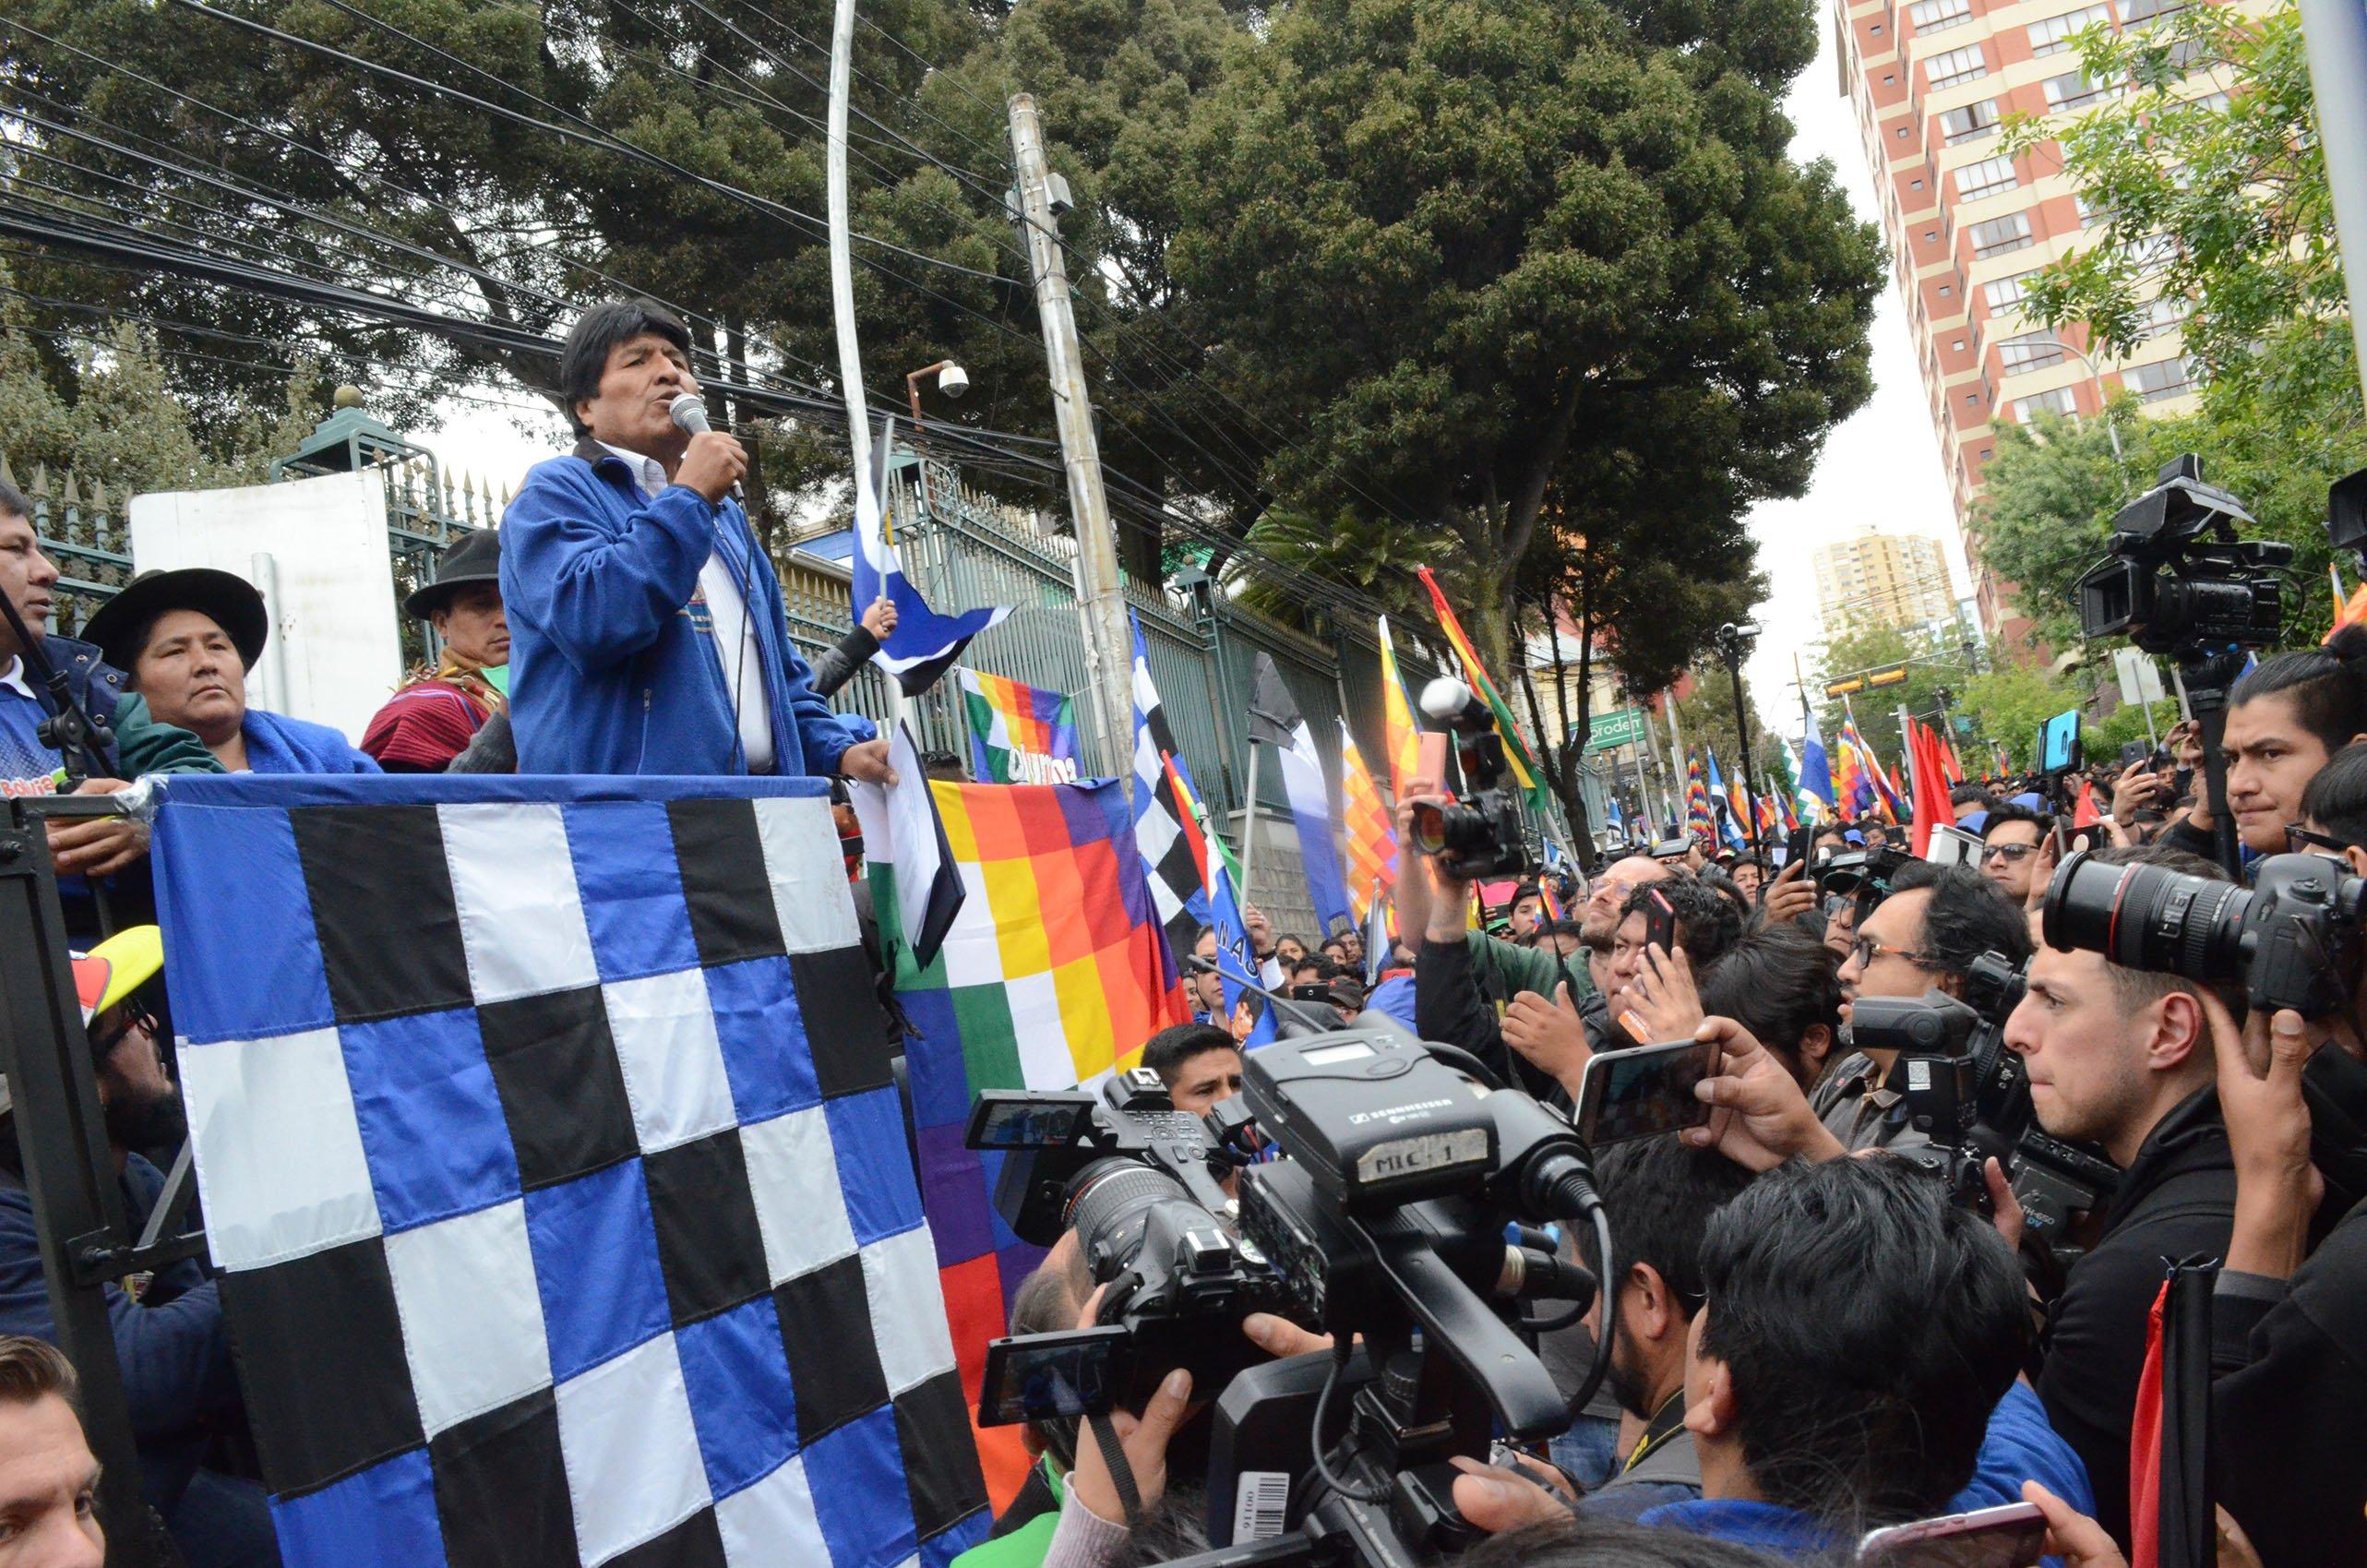 El regreso de Evo Morales a Bolivia es un tema polémico dentro del propio MAS / Foto: MAS